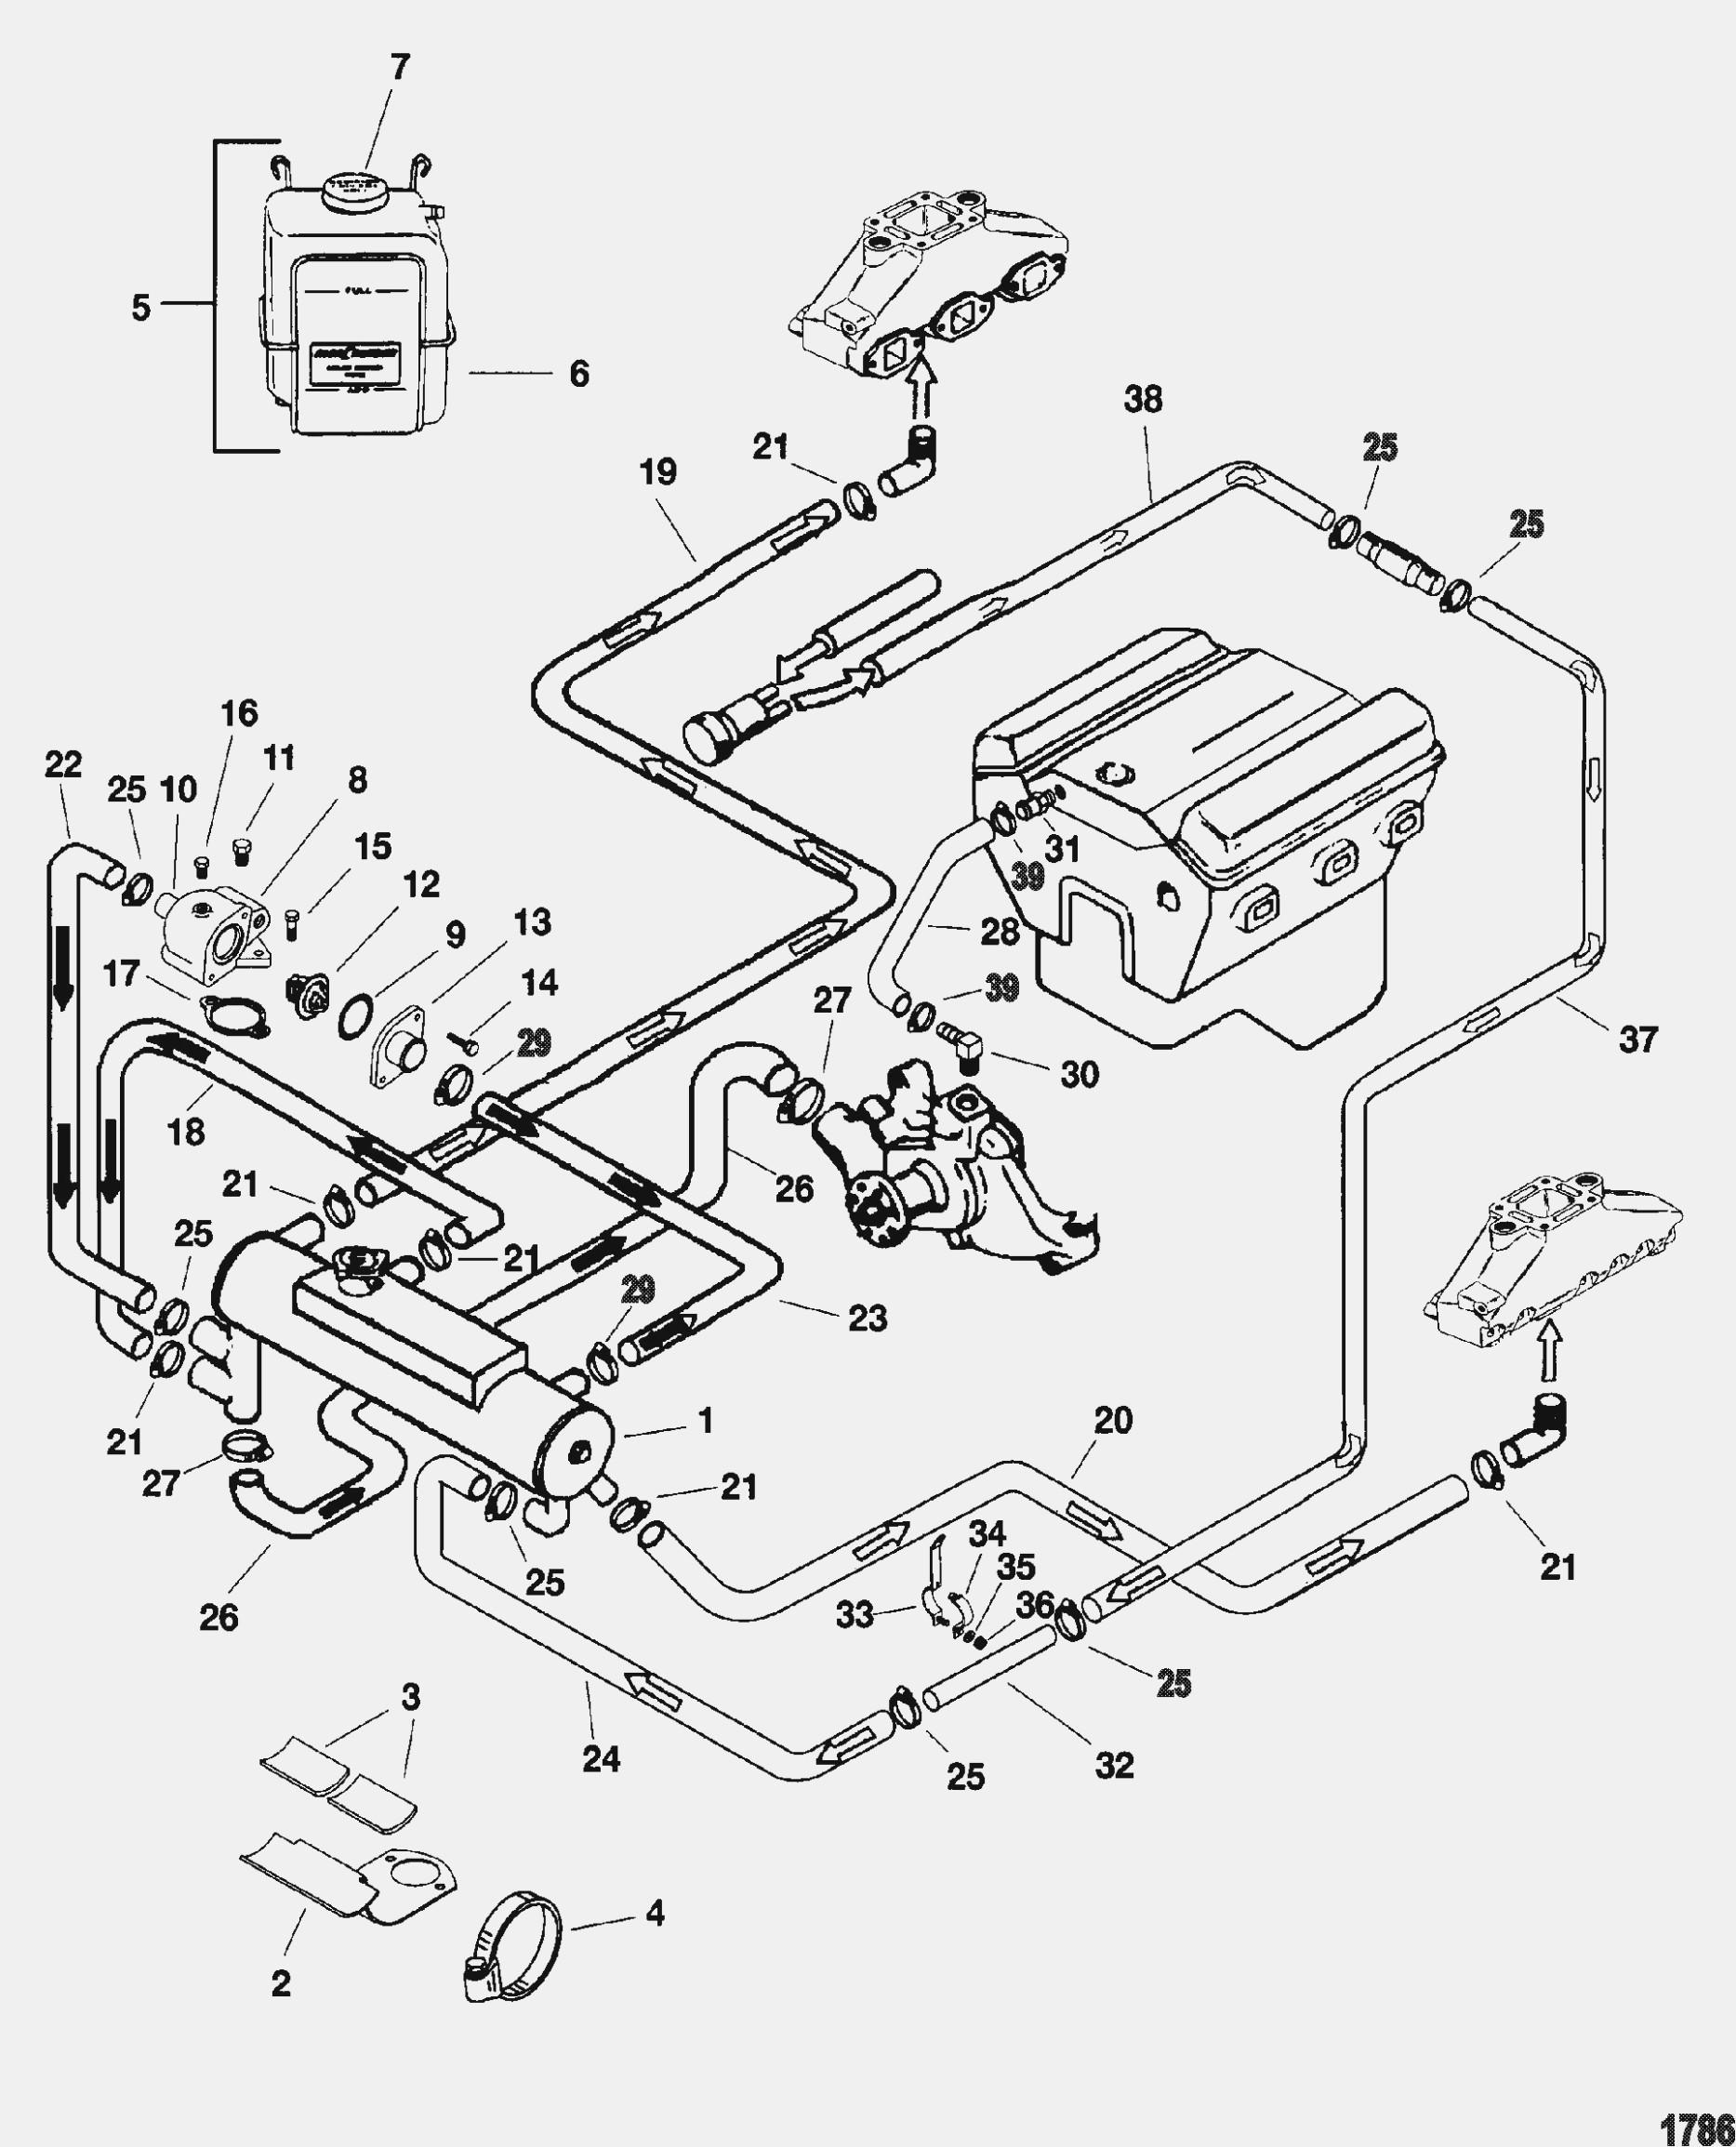 hyundai xg350l engine cylinder diagram wiring diagram headlights for a 2003 hyundai xg350 l hyundai xg350l engine cylinder diagram #10